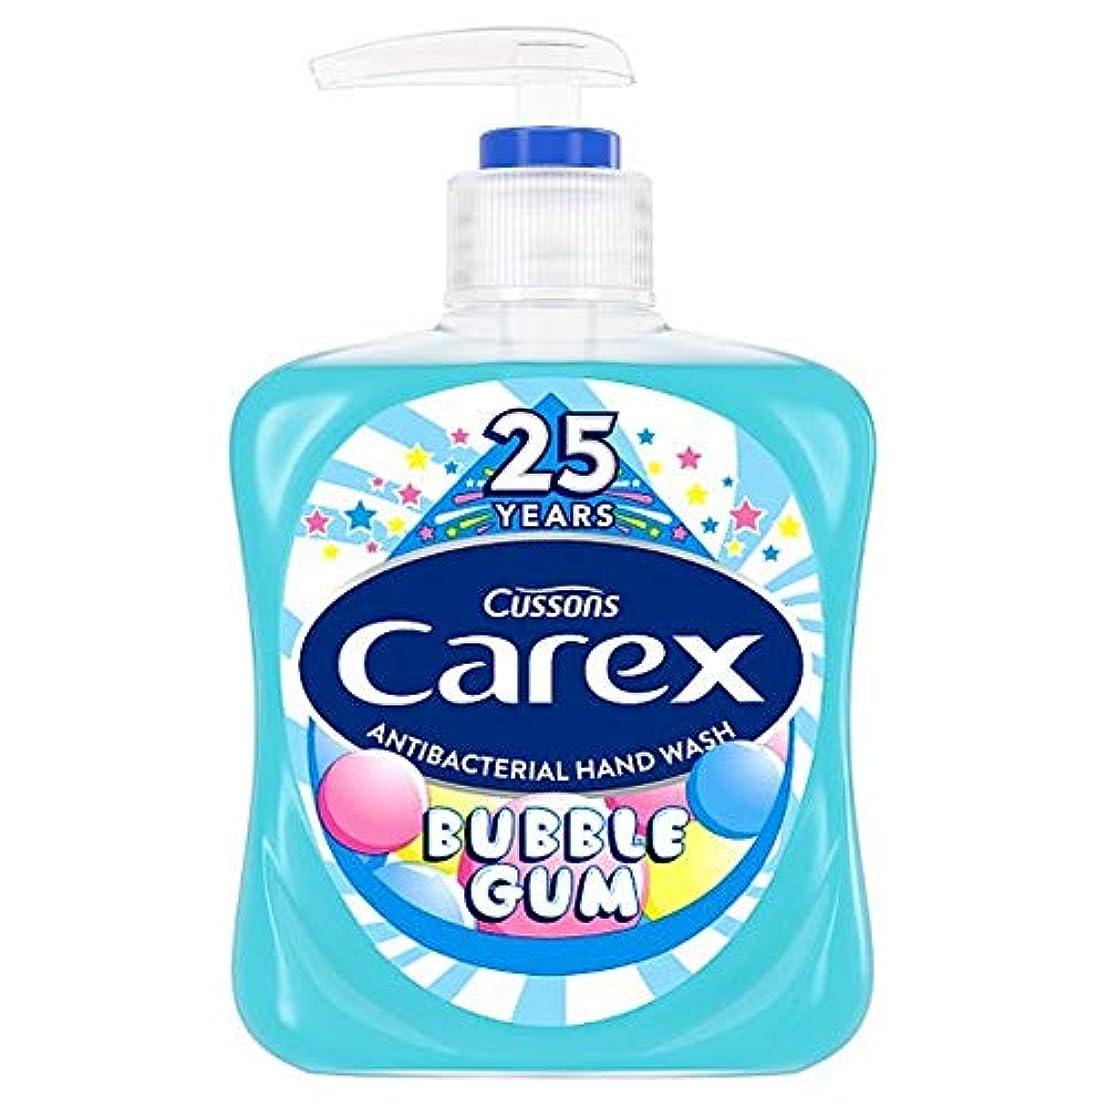 原稿キネマティクスシニス[Carex] スゲ子供手洗いバブルガムの250ミリリットル - Carex Kids Handwash Bubblegum 250Ml [並行輸入品]